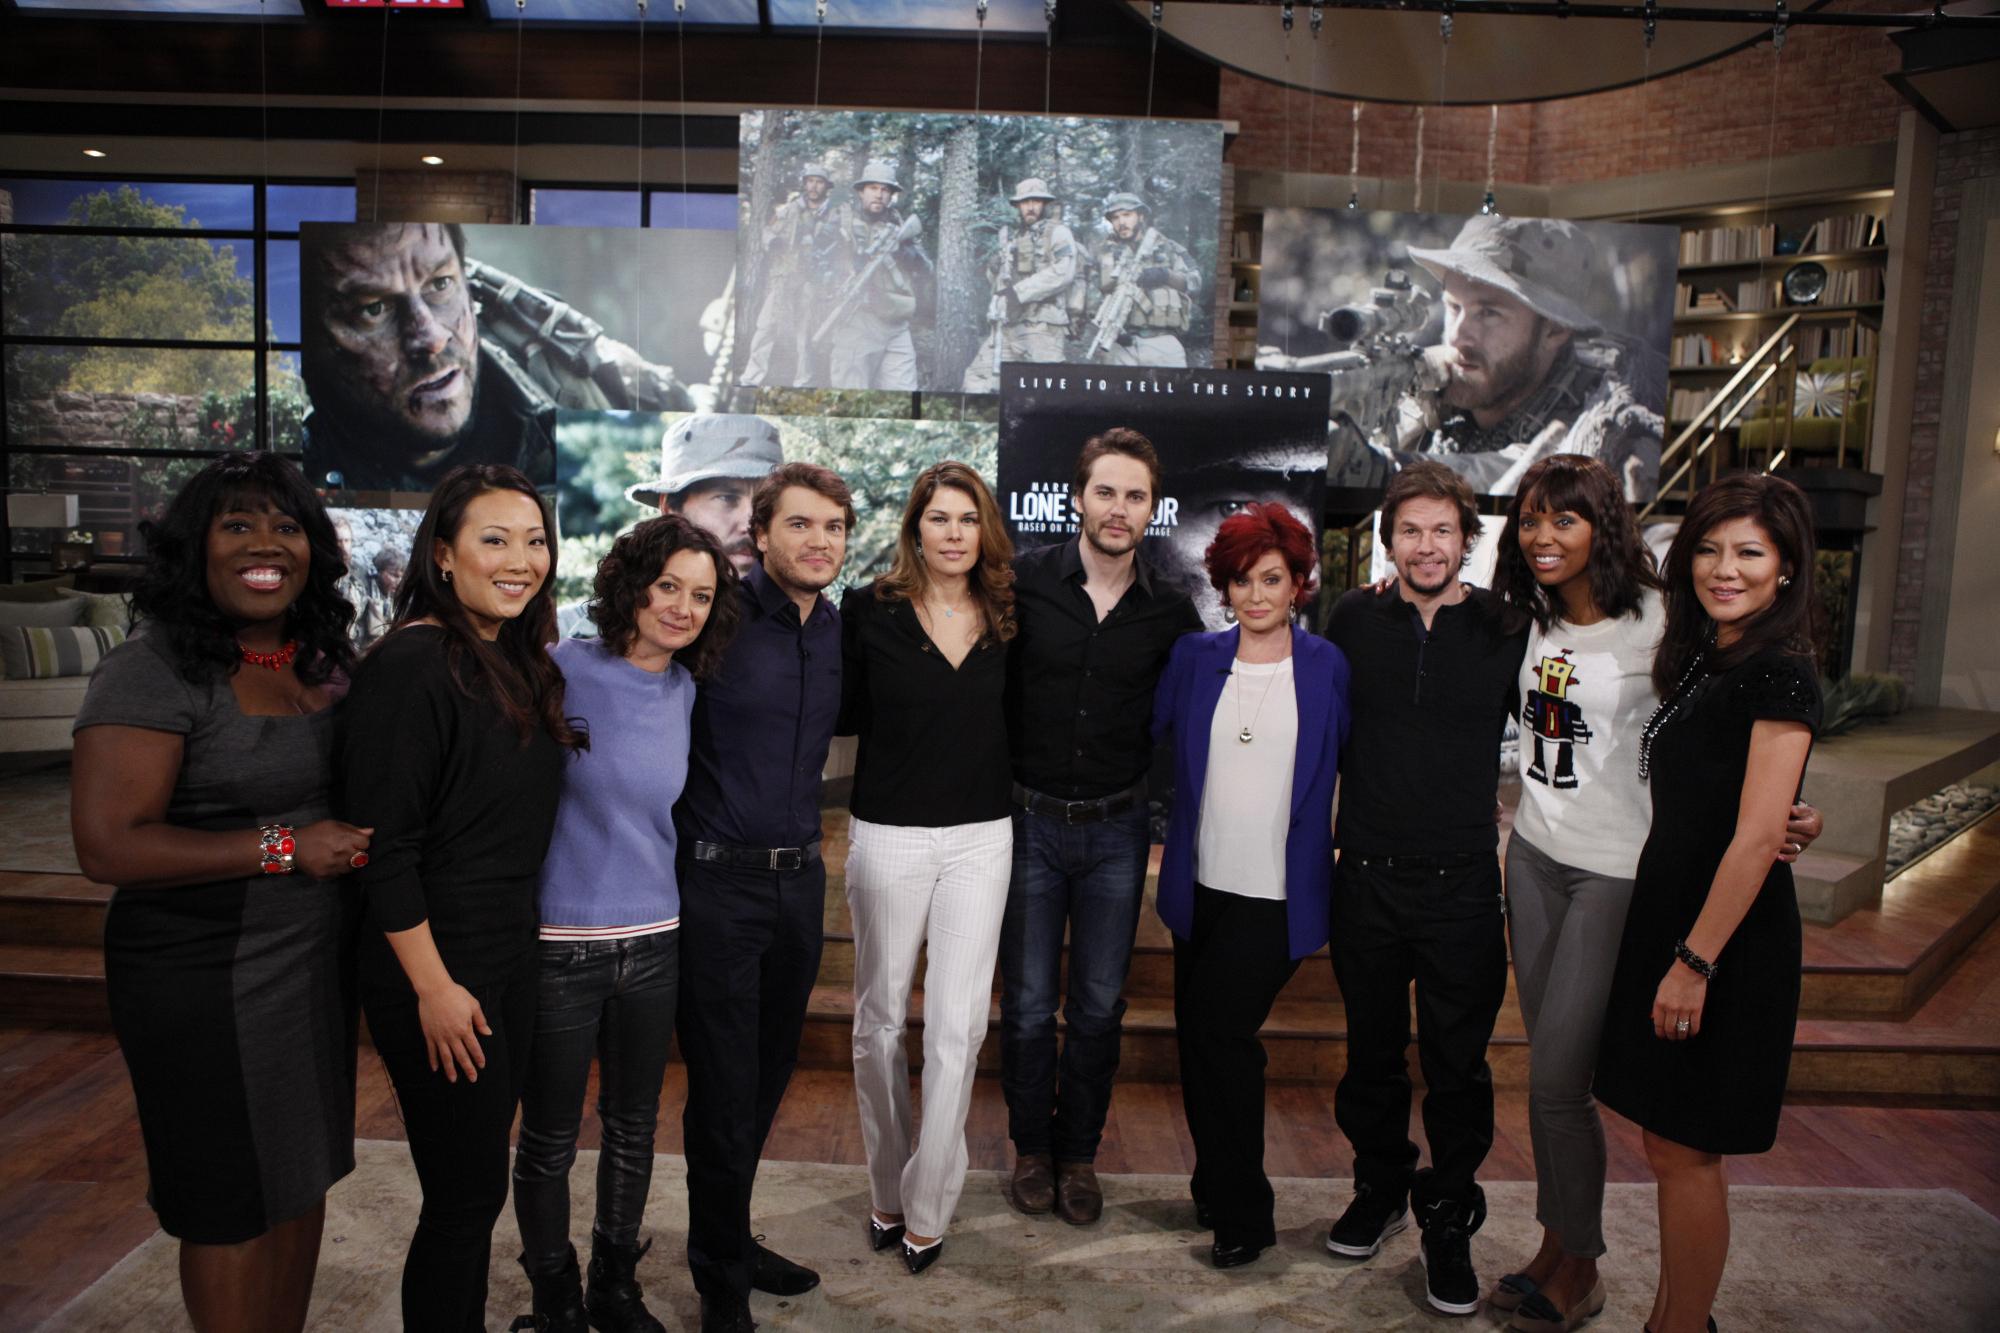 25. Emile Hirsch, Taylor Kitsch, Mark Wahlberg - Actors